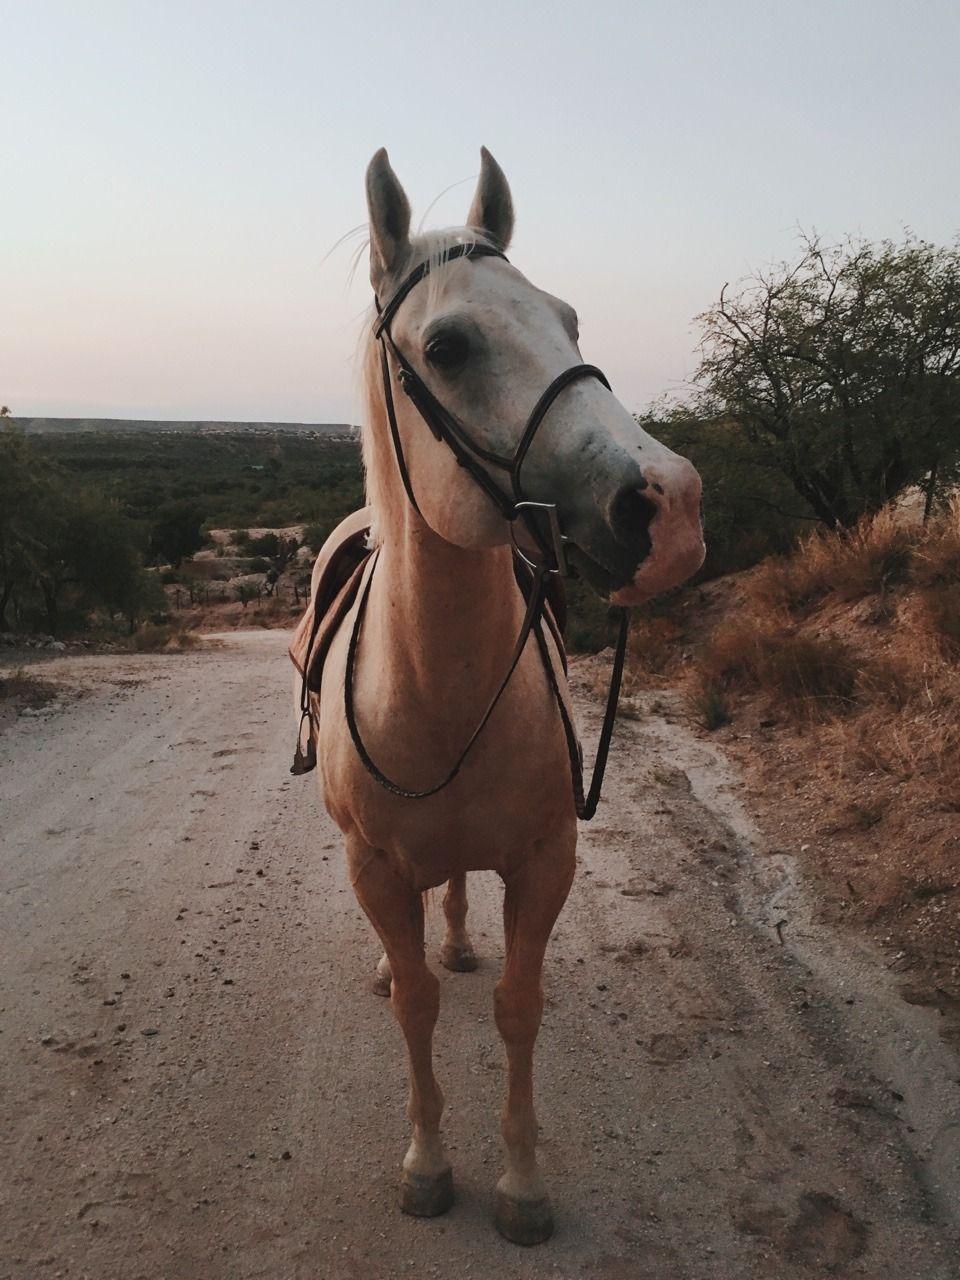 Pin van Lidy van Dijk op Horses / Paard   Foto, Sprookjes